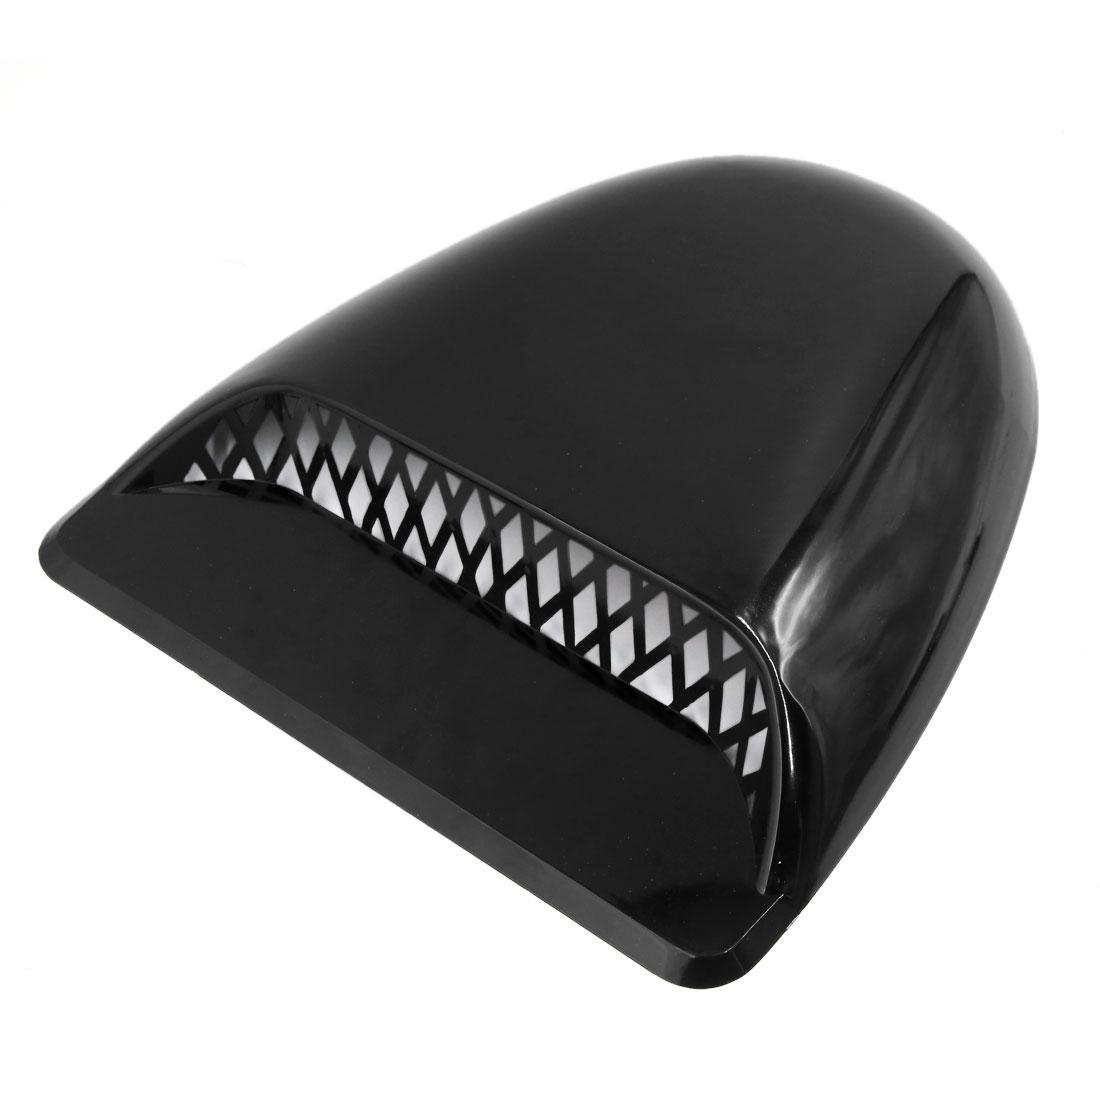 Universal Auto Decorative Air Flow Scoop Turbo Bonnet Vent Cover Hood Black